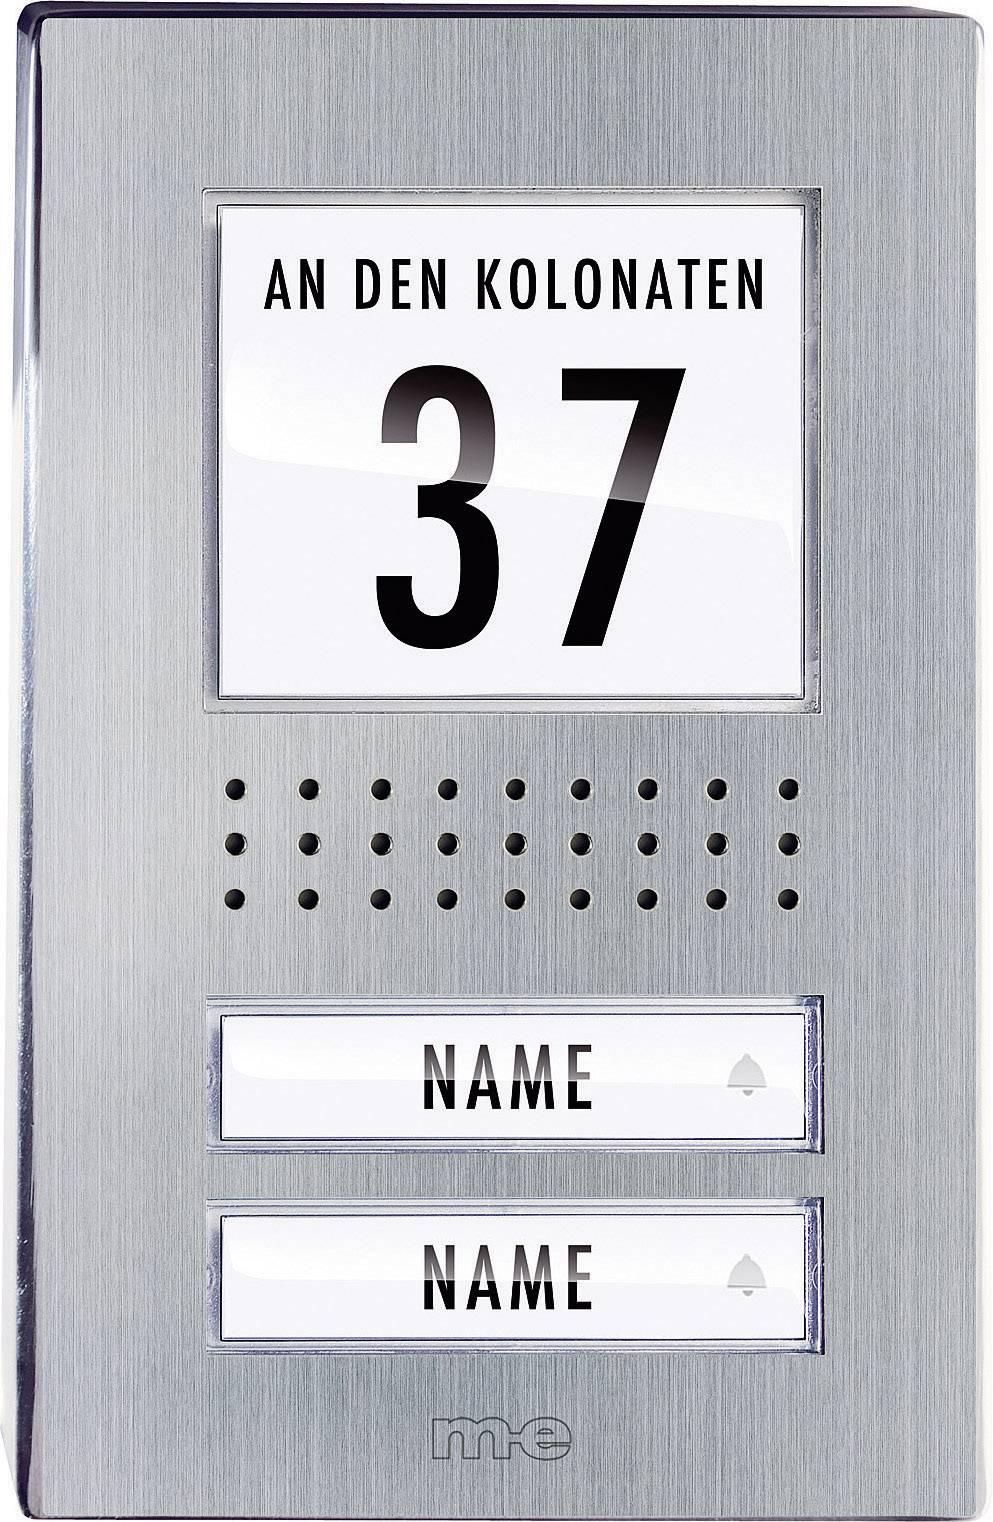 Káblový dverový telefón m-e modern-electronics ADV-120.1 EG ADV-120.1 EG, nerezová oceľ